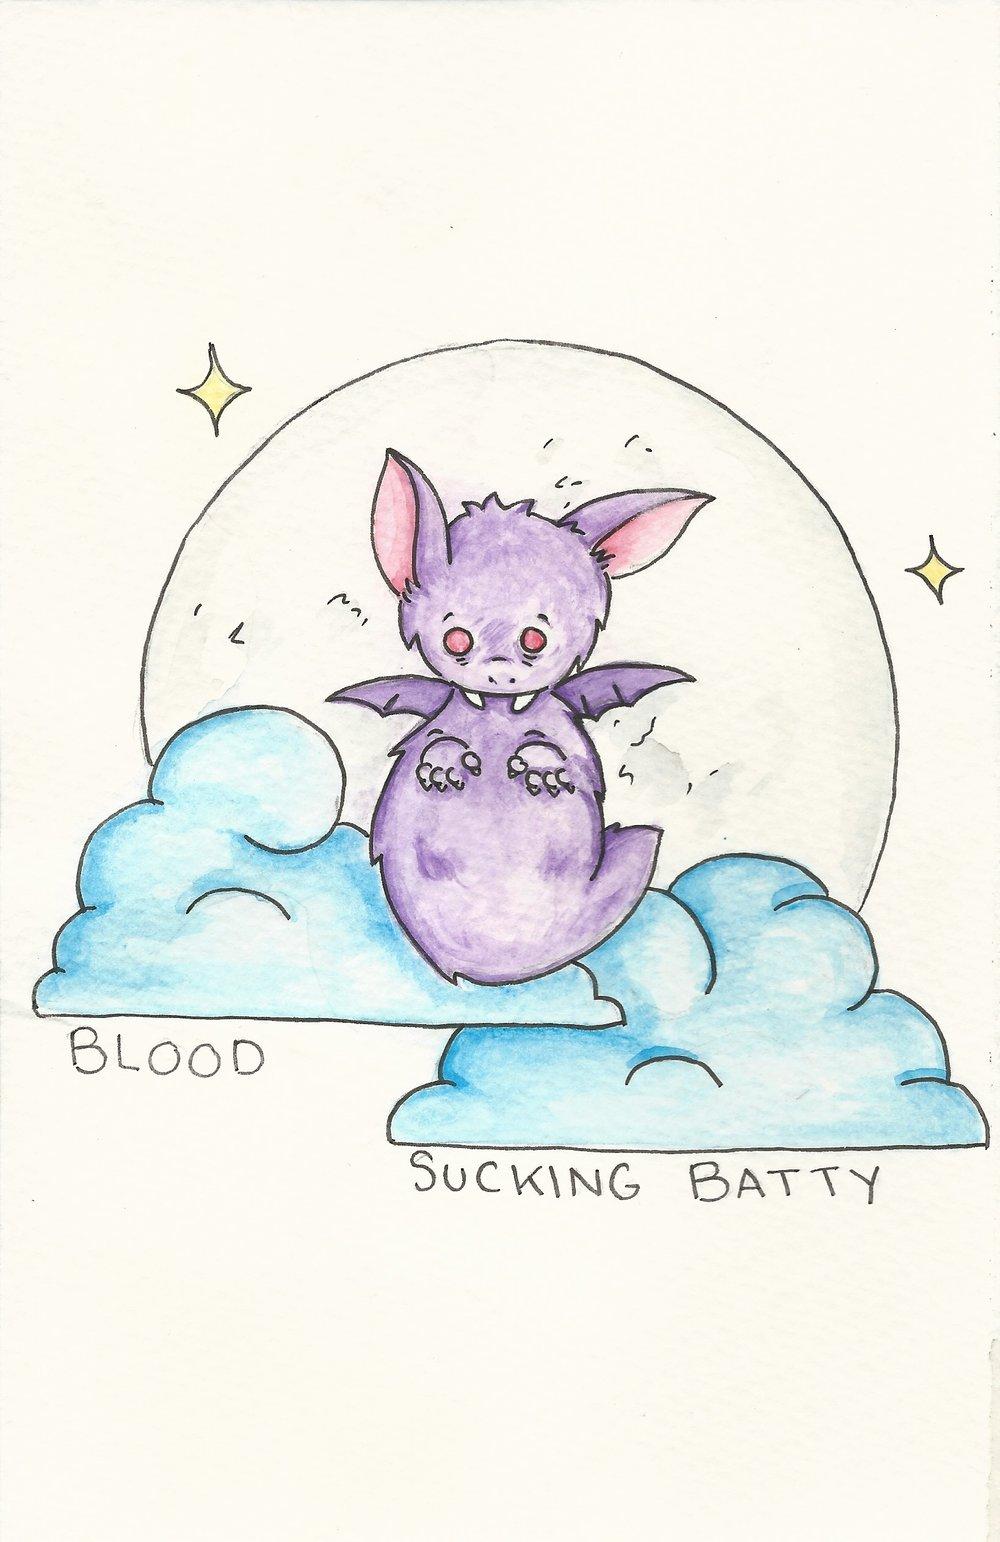 Blood Sucking Batty